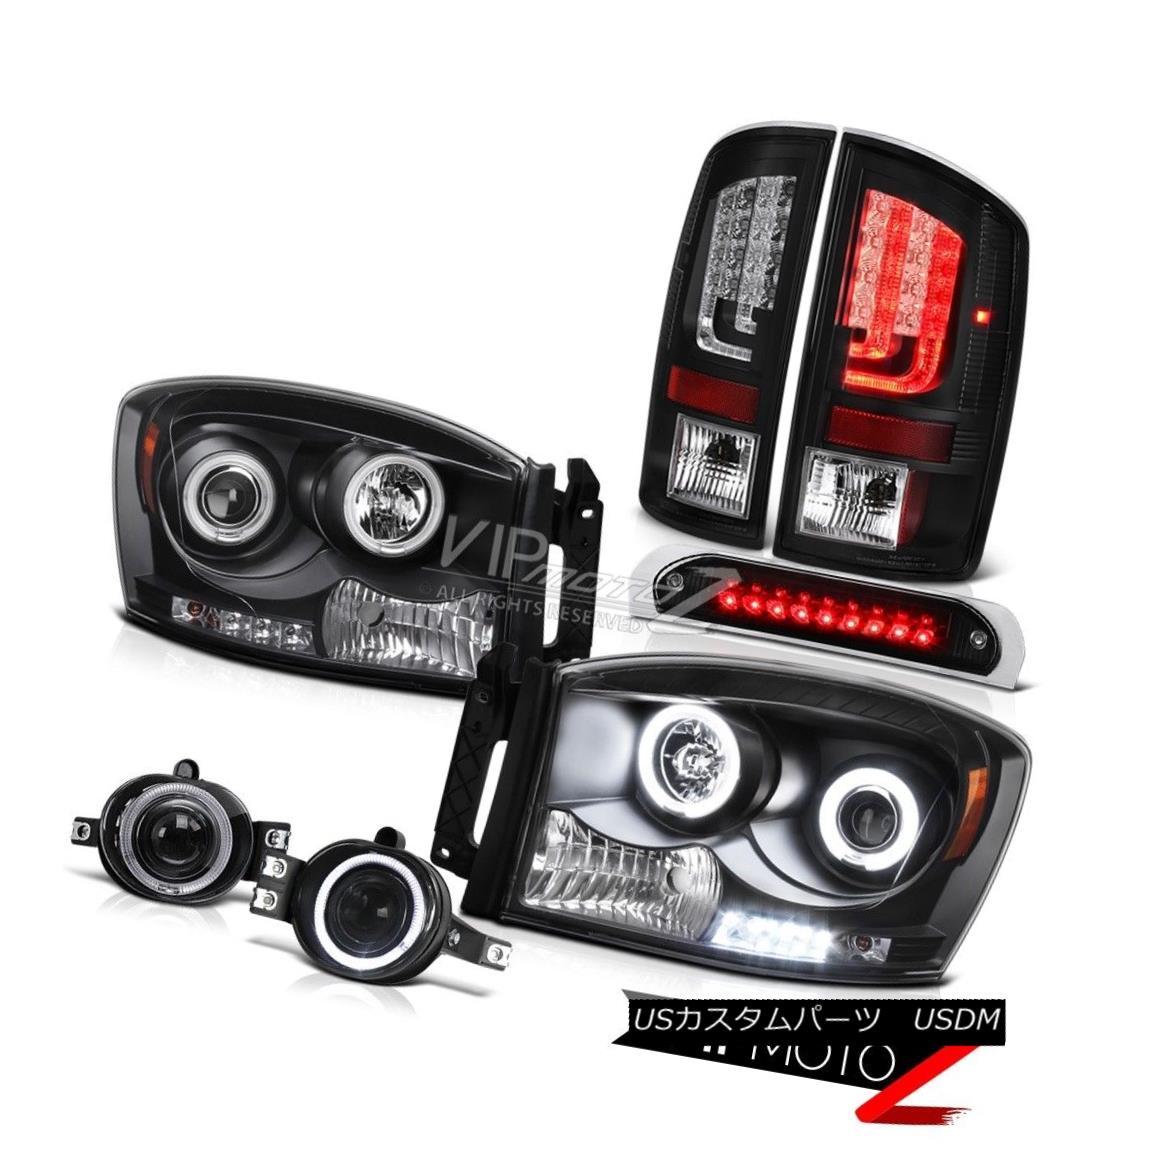 テールライト 07-09 Dodge Ram 2500 3500 5.9L Taillamps 3RD Brake Light Headlamps Foglamps Cool 07-09ダッジラム2500 3500 5.9Lタイルランプ3RDブレーキライトヘッドランプフォグランプクール